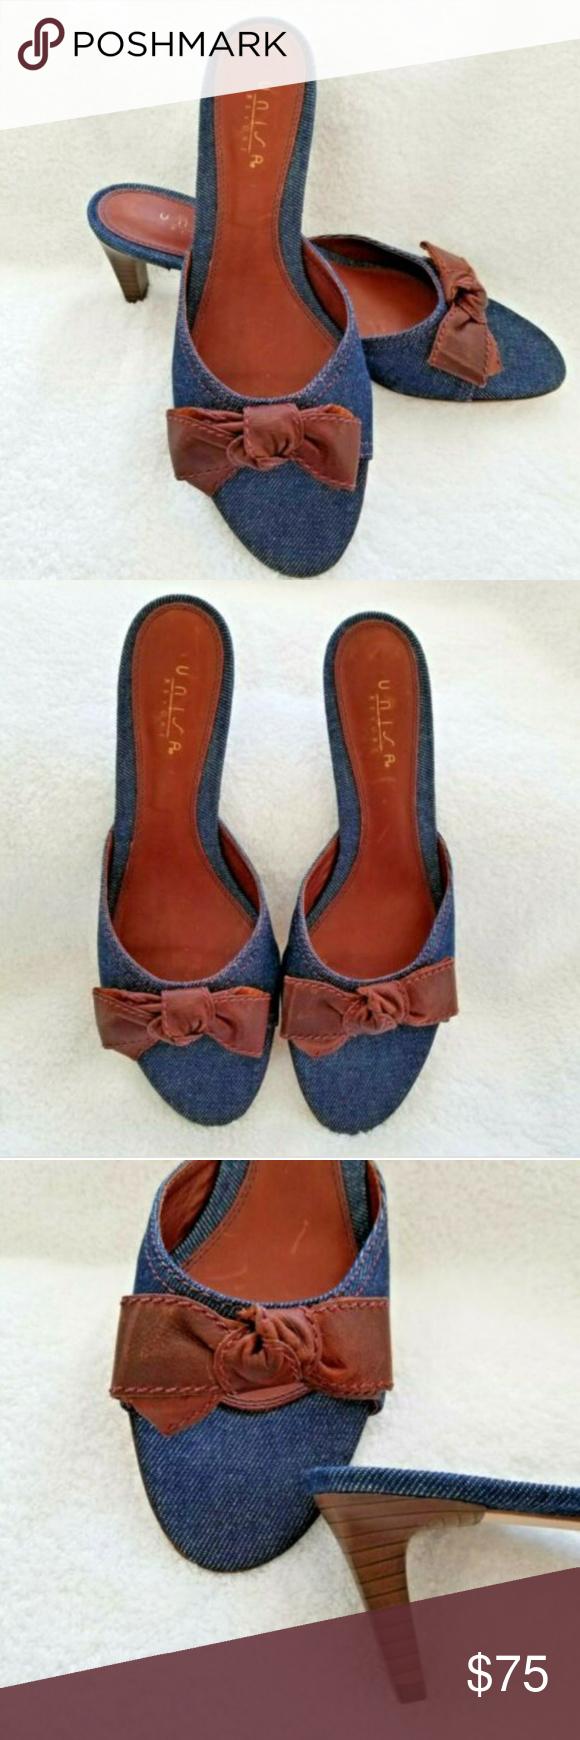 2dcd462752a3 New Unisa Denim Kitten Mule Caramel Bow Sandal 9.5 New Unisa Resort Kitten  Wooden Heeled Denim